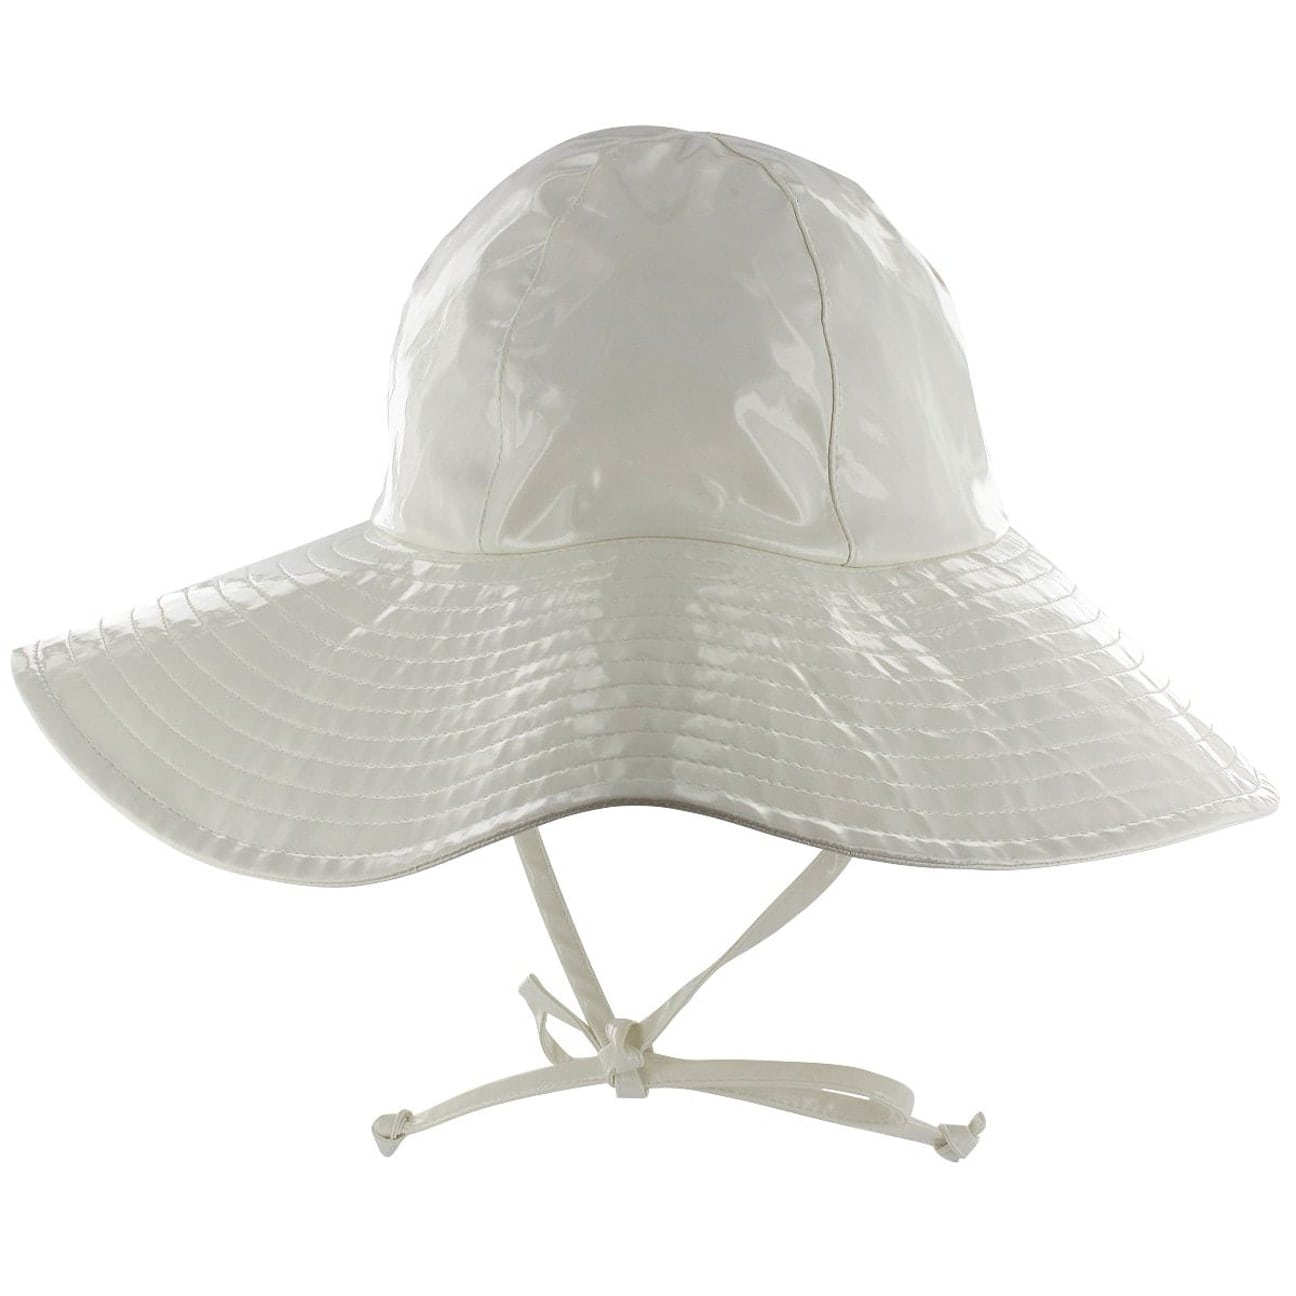 Outdoor Cloche Hat with Loop by Lipodo Rain hats LIPODO TDaureKgPa